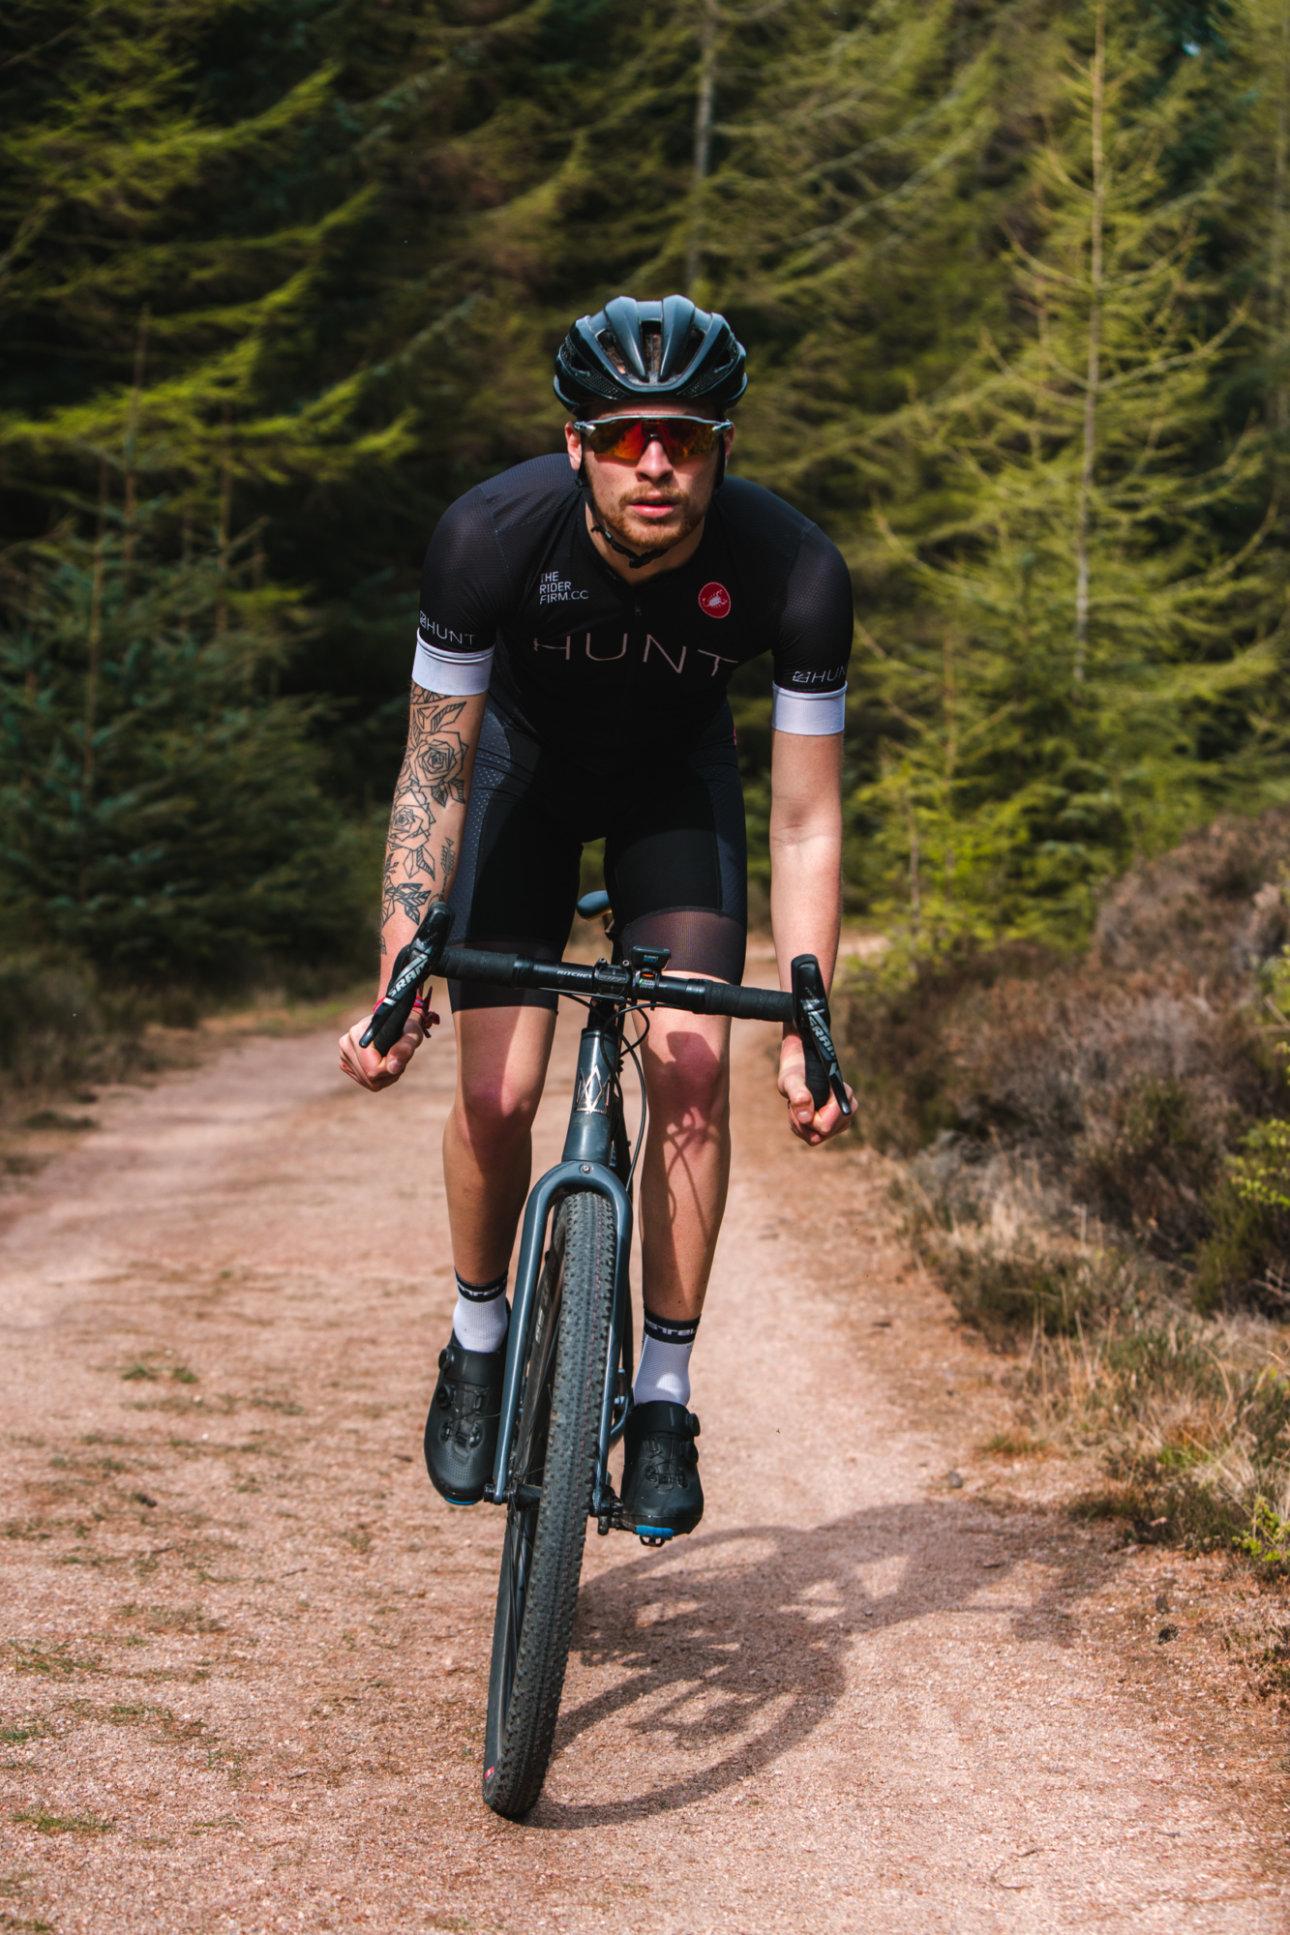 Hunt Bike Wheels 7